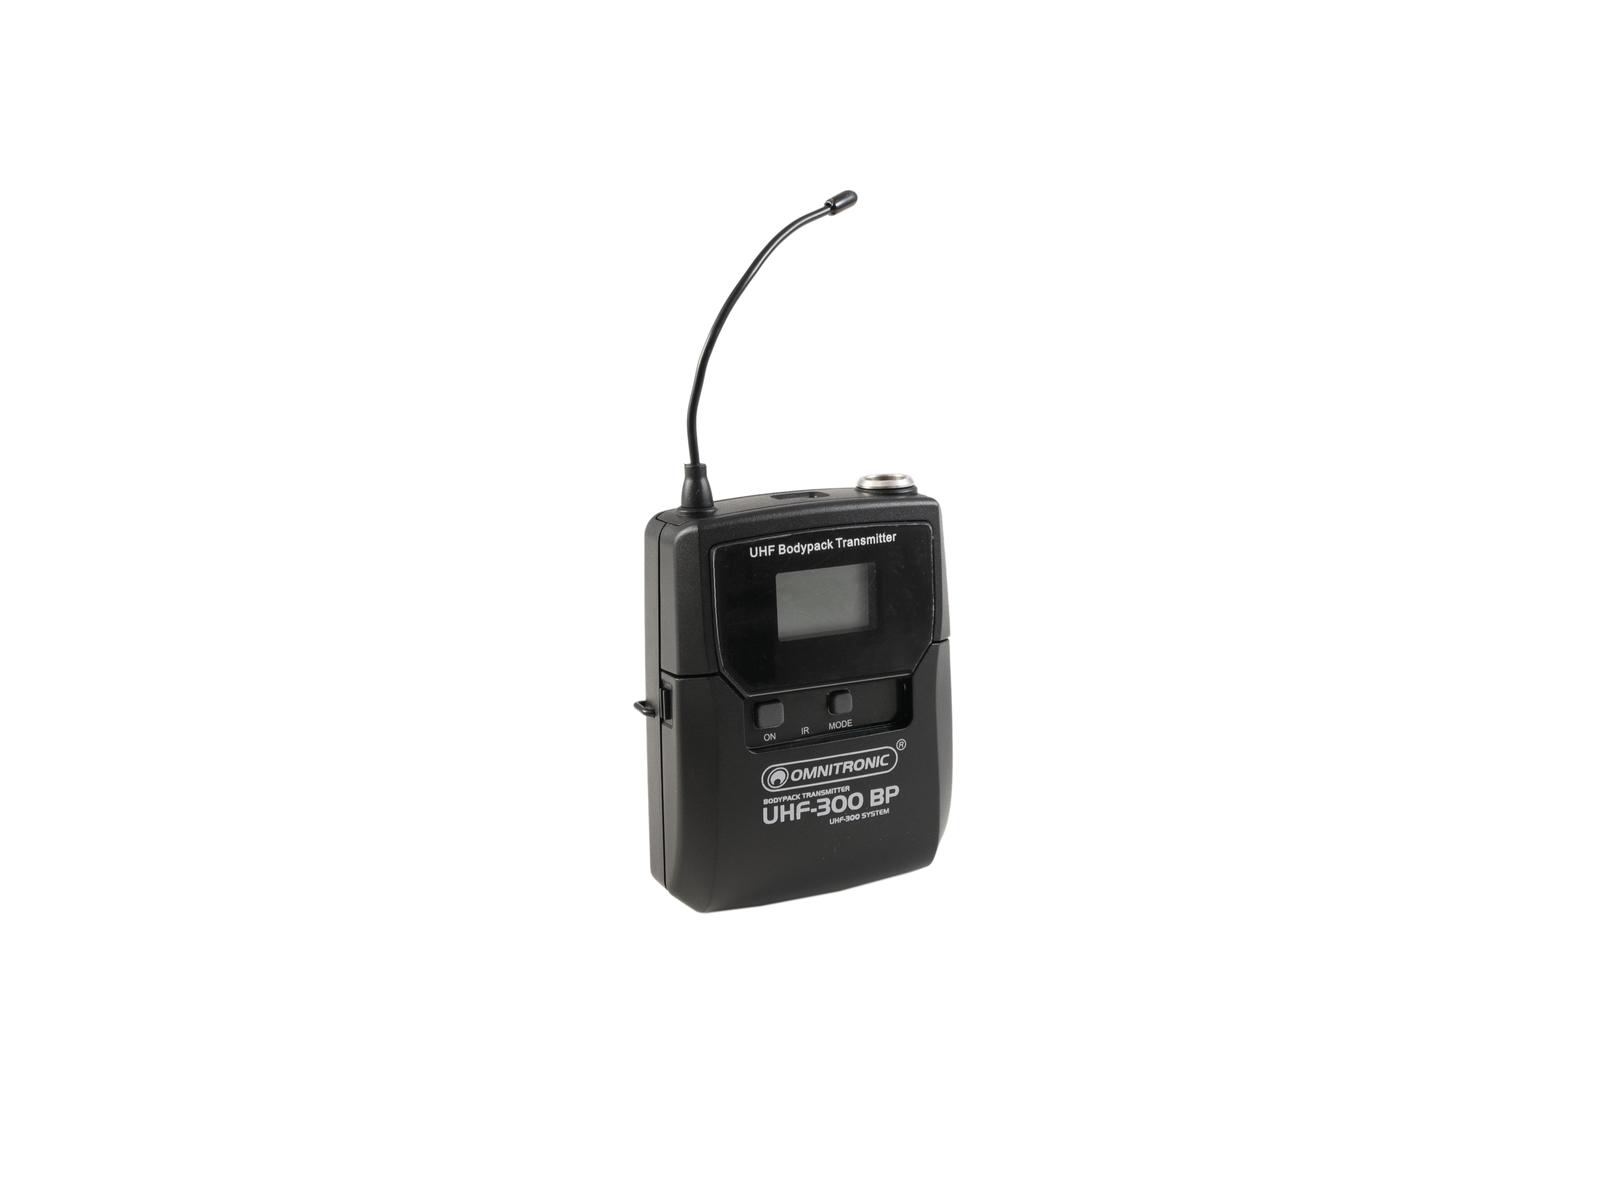 omnitronic-uhf-300-taschensender-823-832-863-865mhz